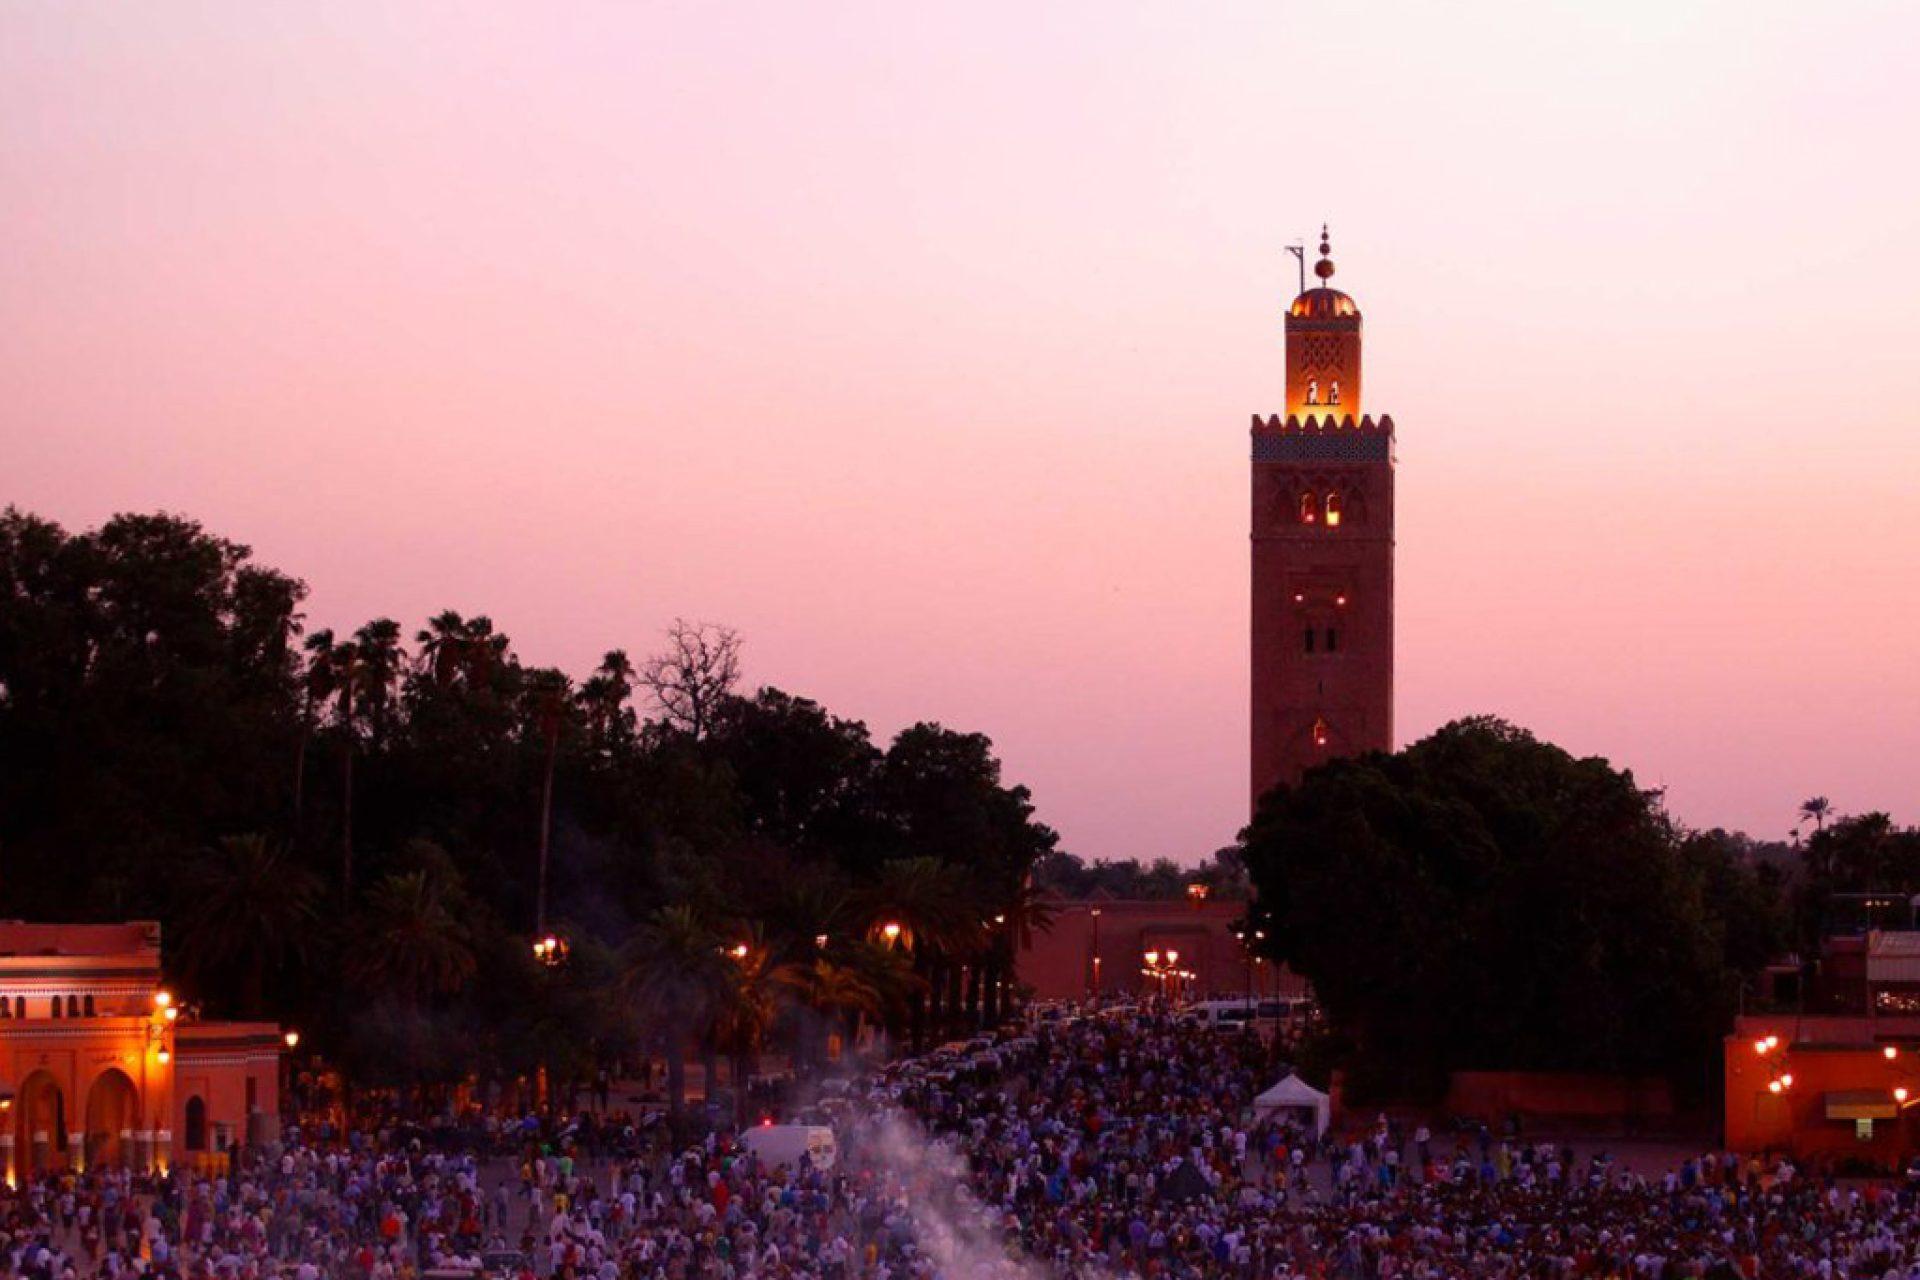 Jemma El Fna Square in Marrakesh